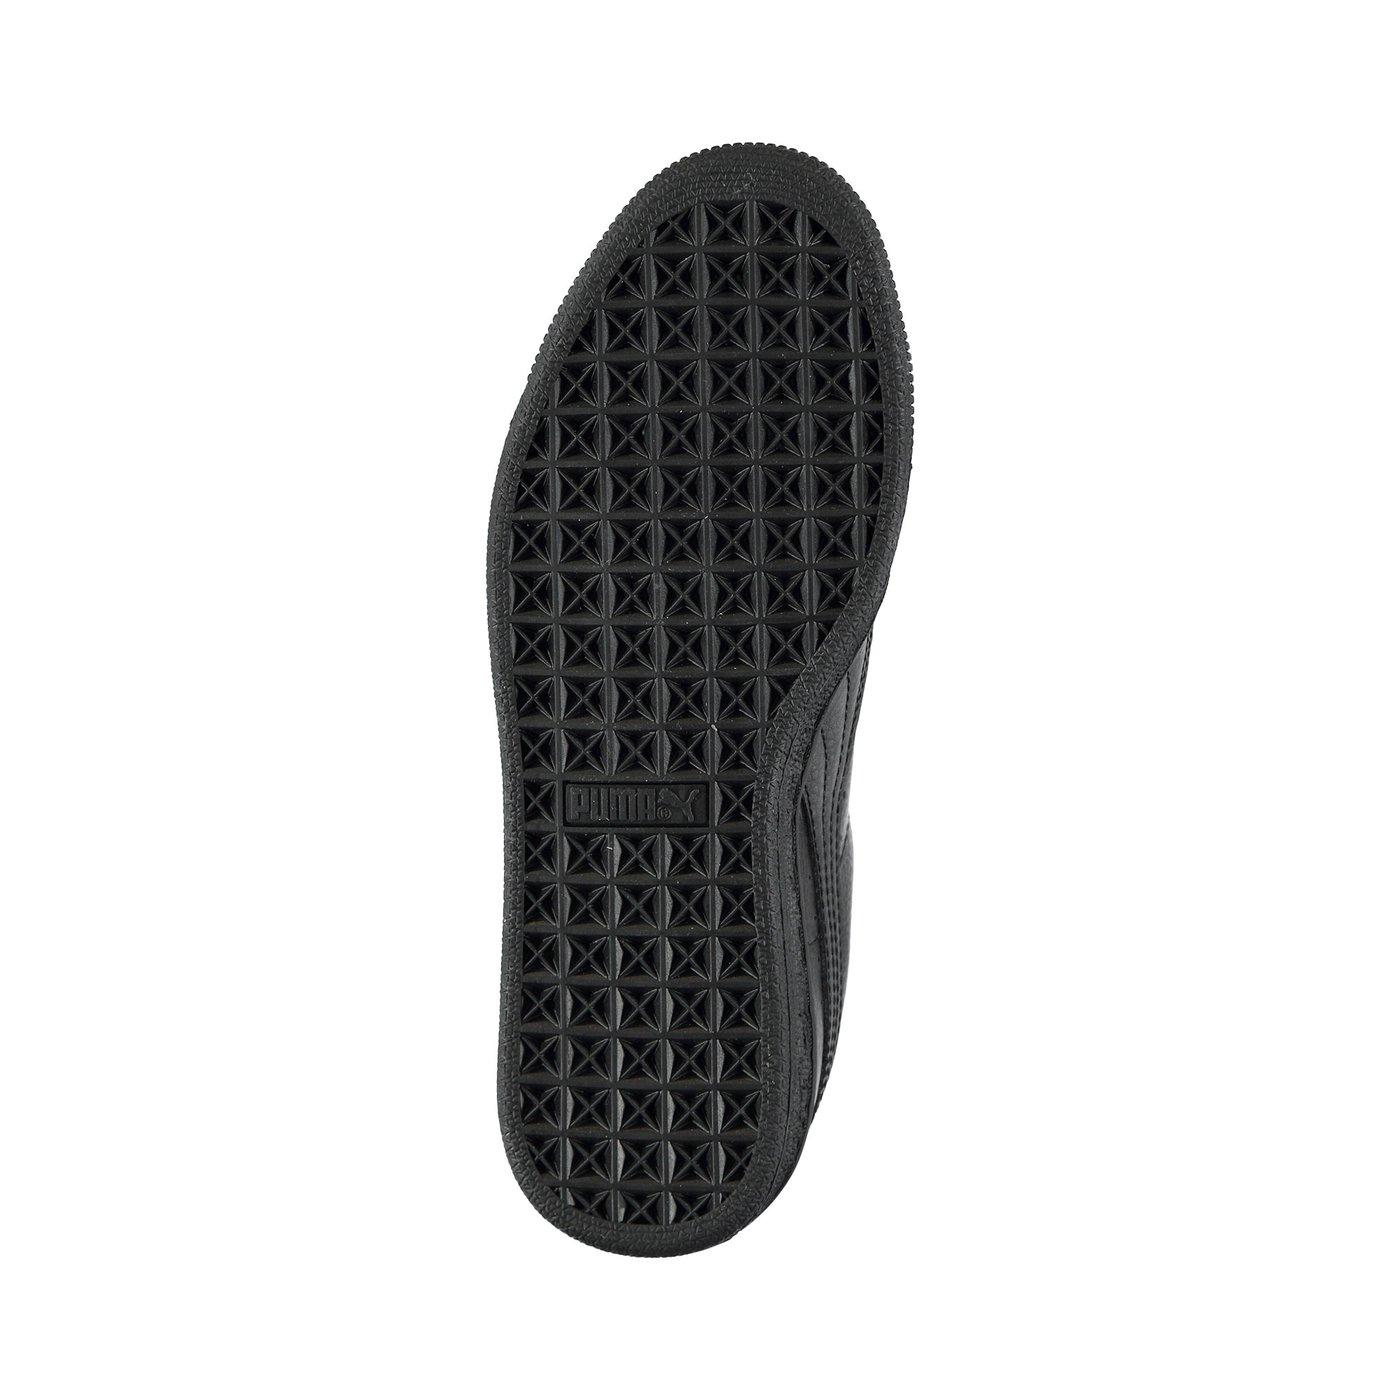 Puma Basket Classıc Kadın Siyah Sneaker